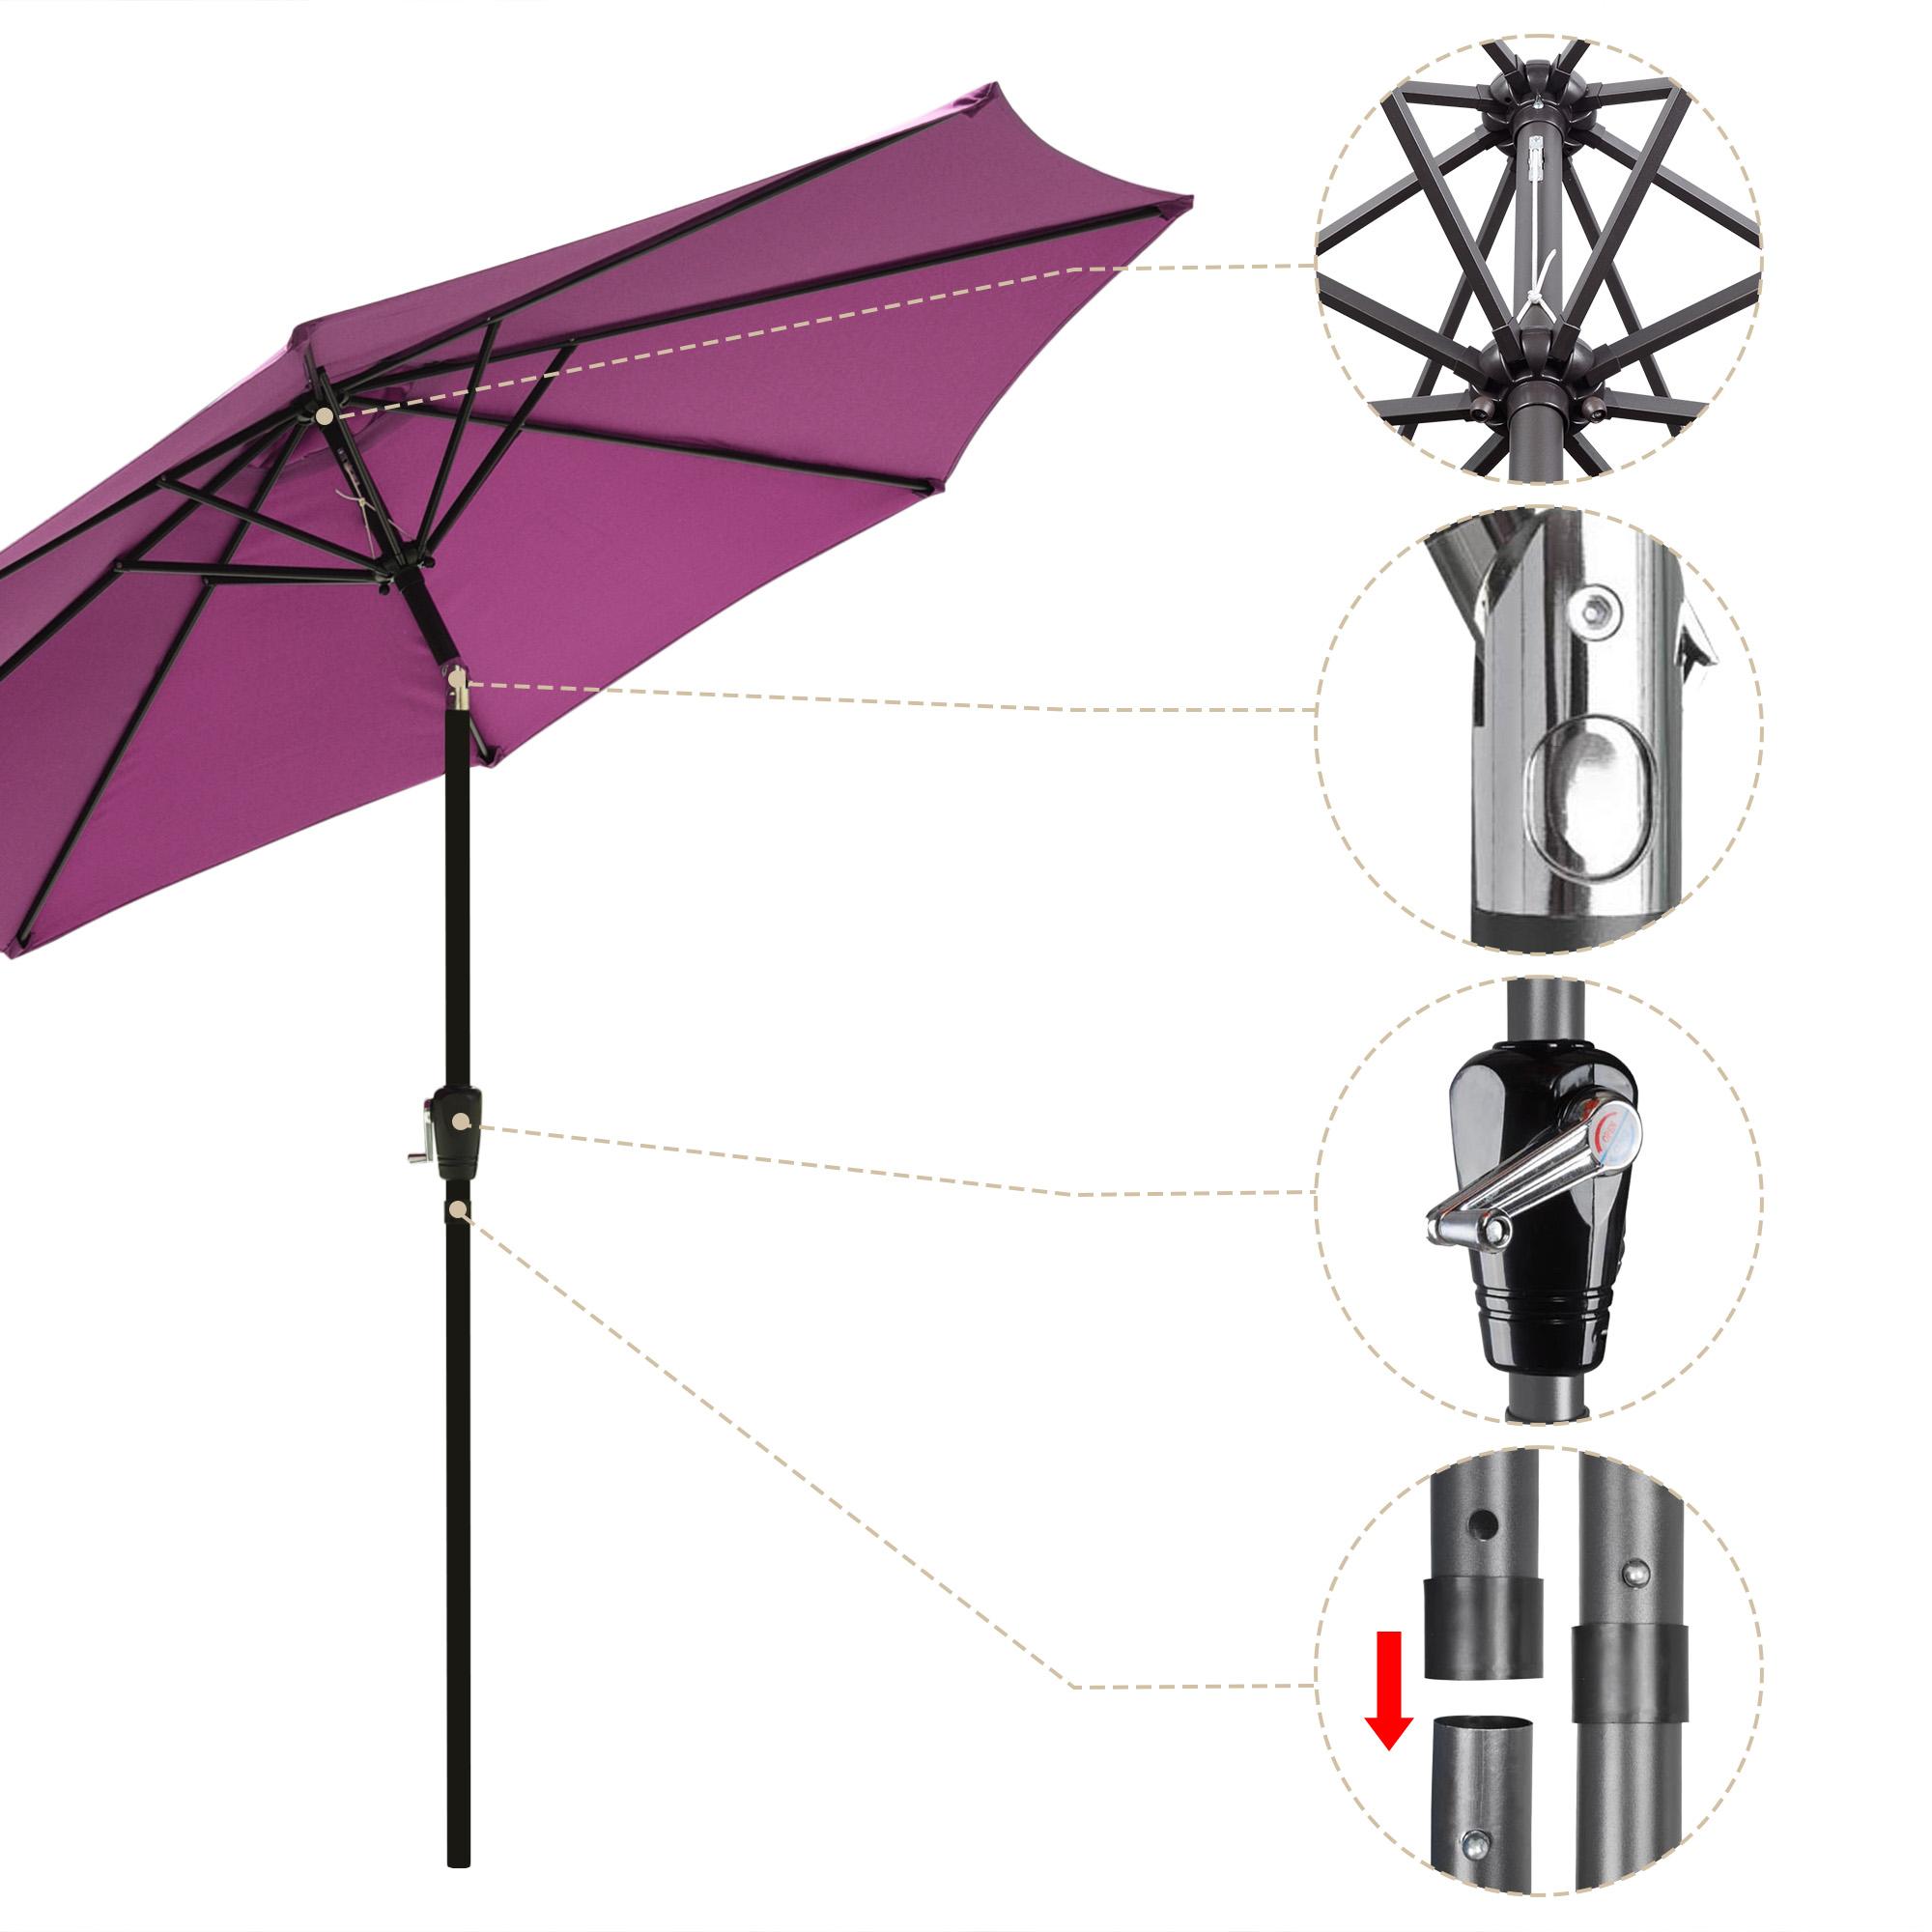 thumbnail 84 - 9' Outdoor Umbrella Patio 8 Ribs Market Garden Crank Tilt Beach Sunshade Parasol